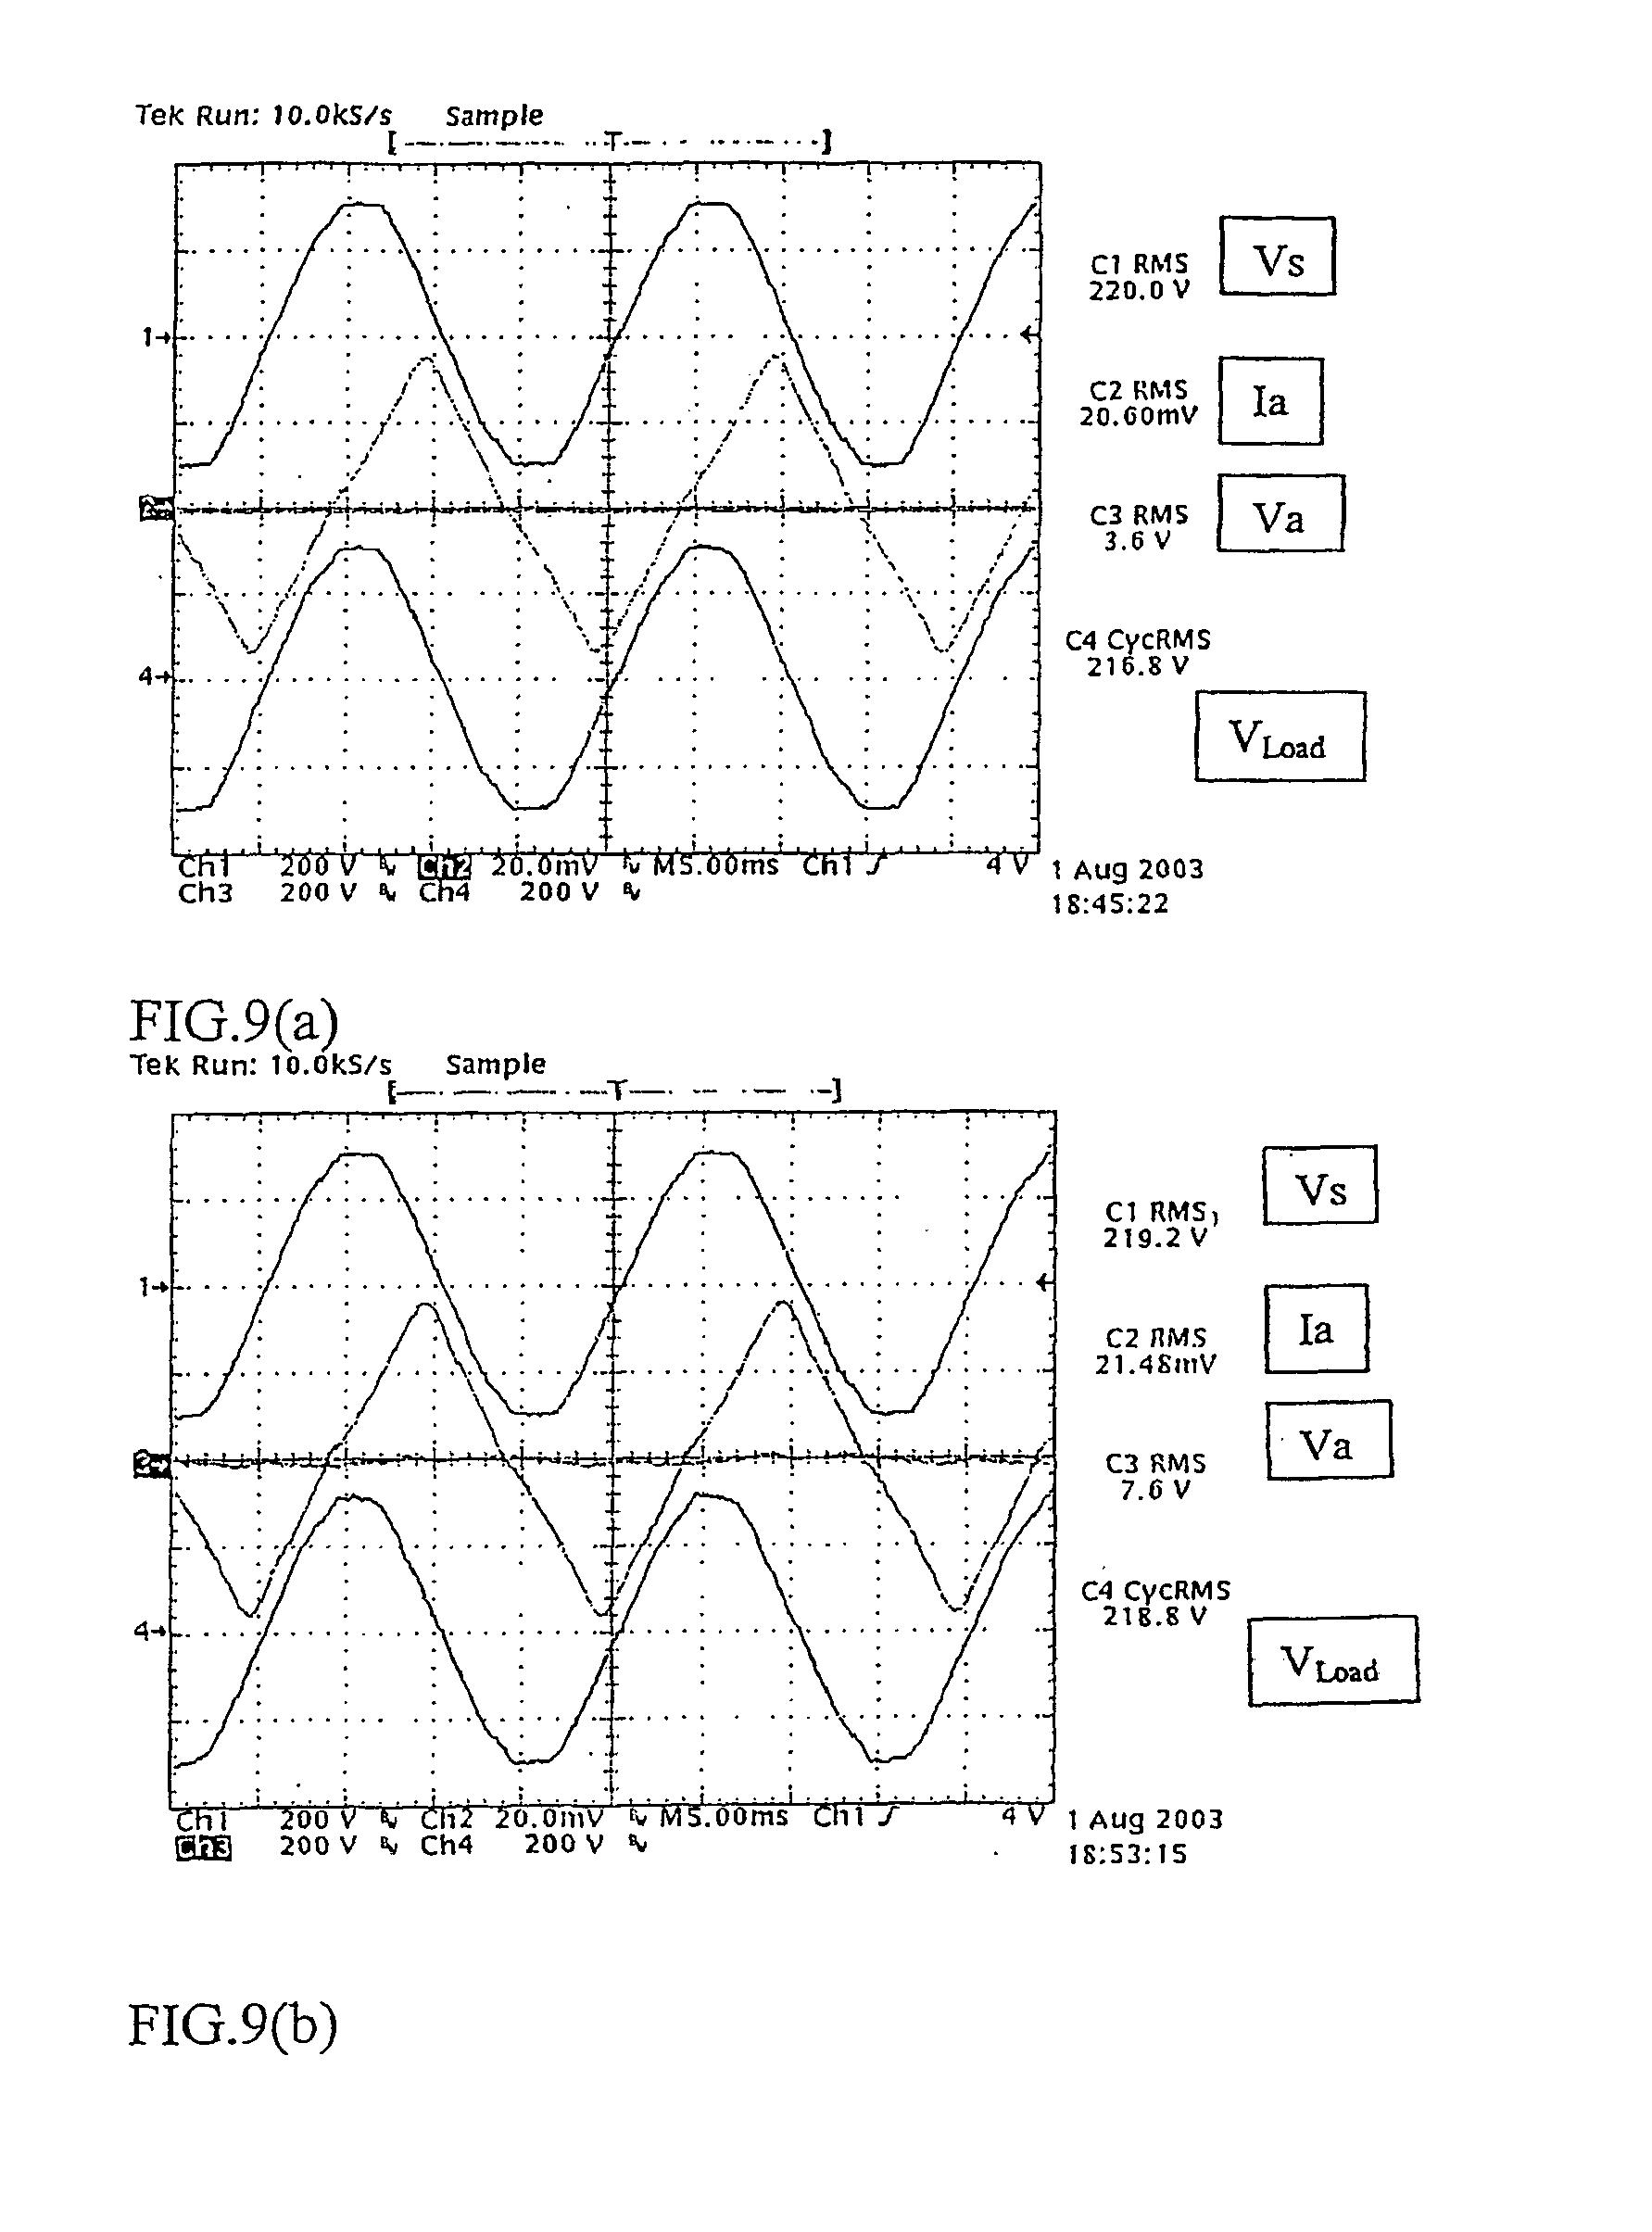 175 Watt Metal Halide Ballast Wiring Diagram from schematron.org